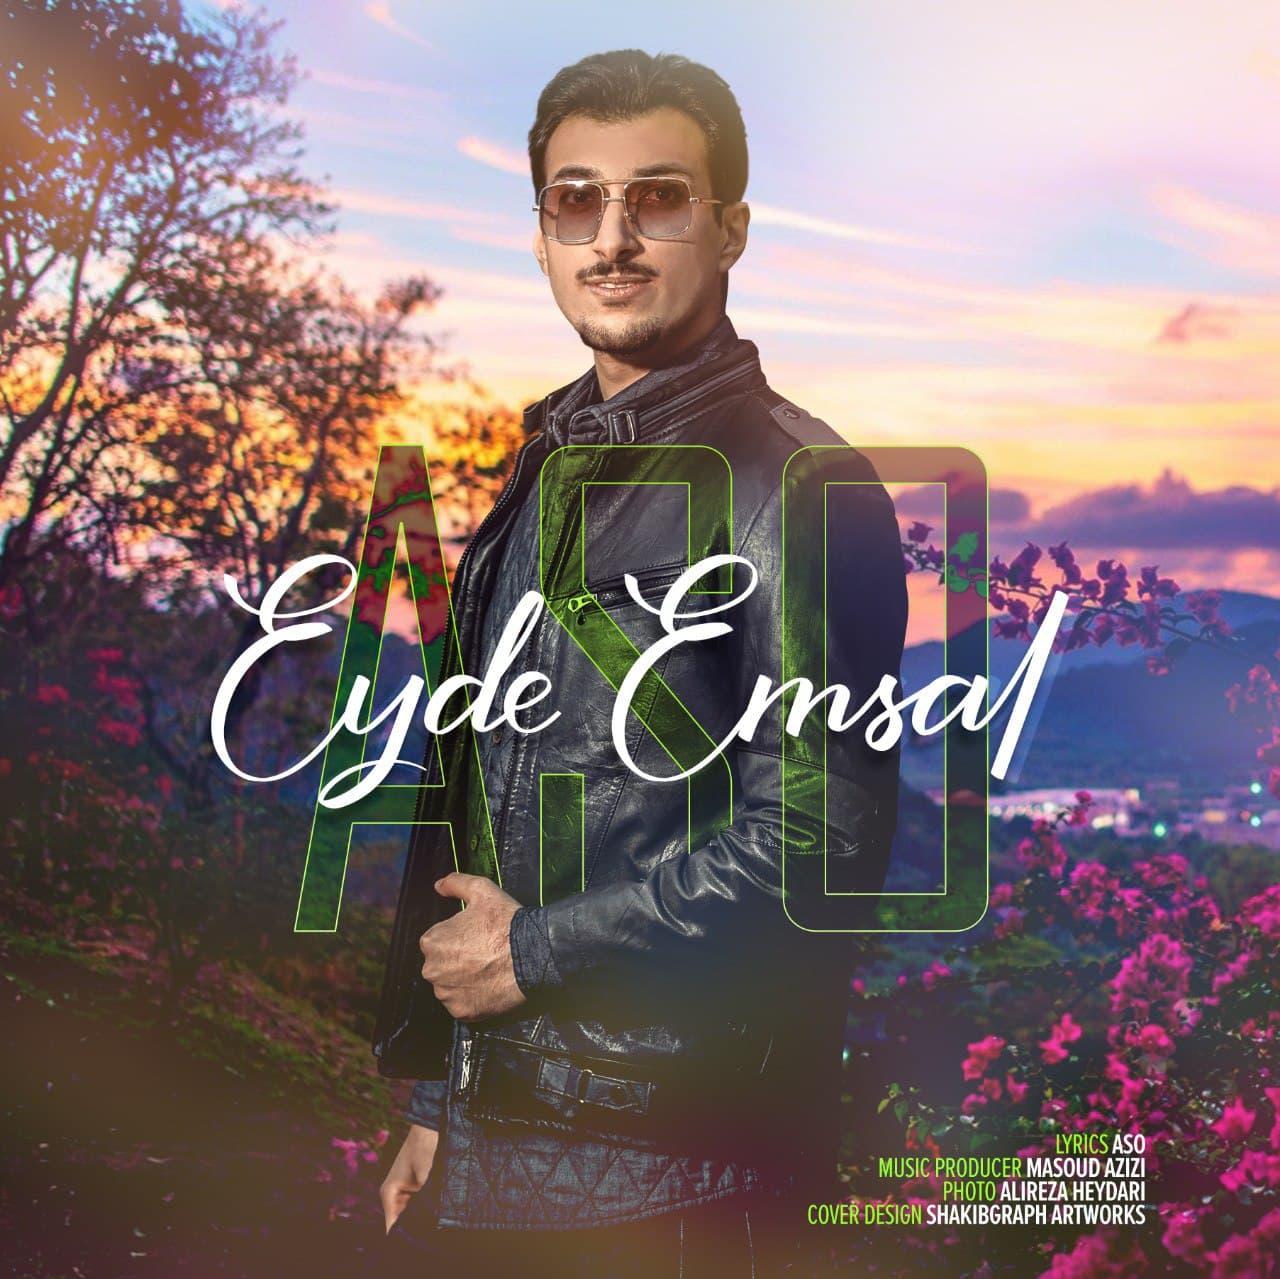 Aso – Eyd Emsal